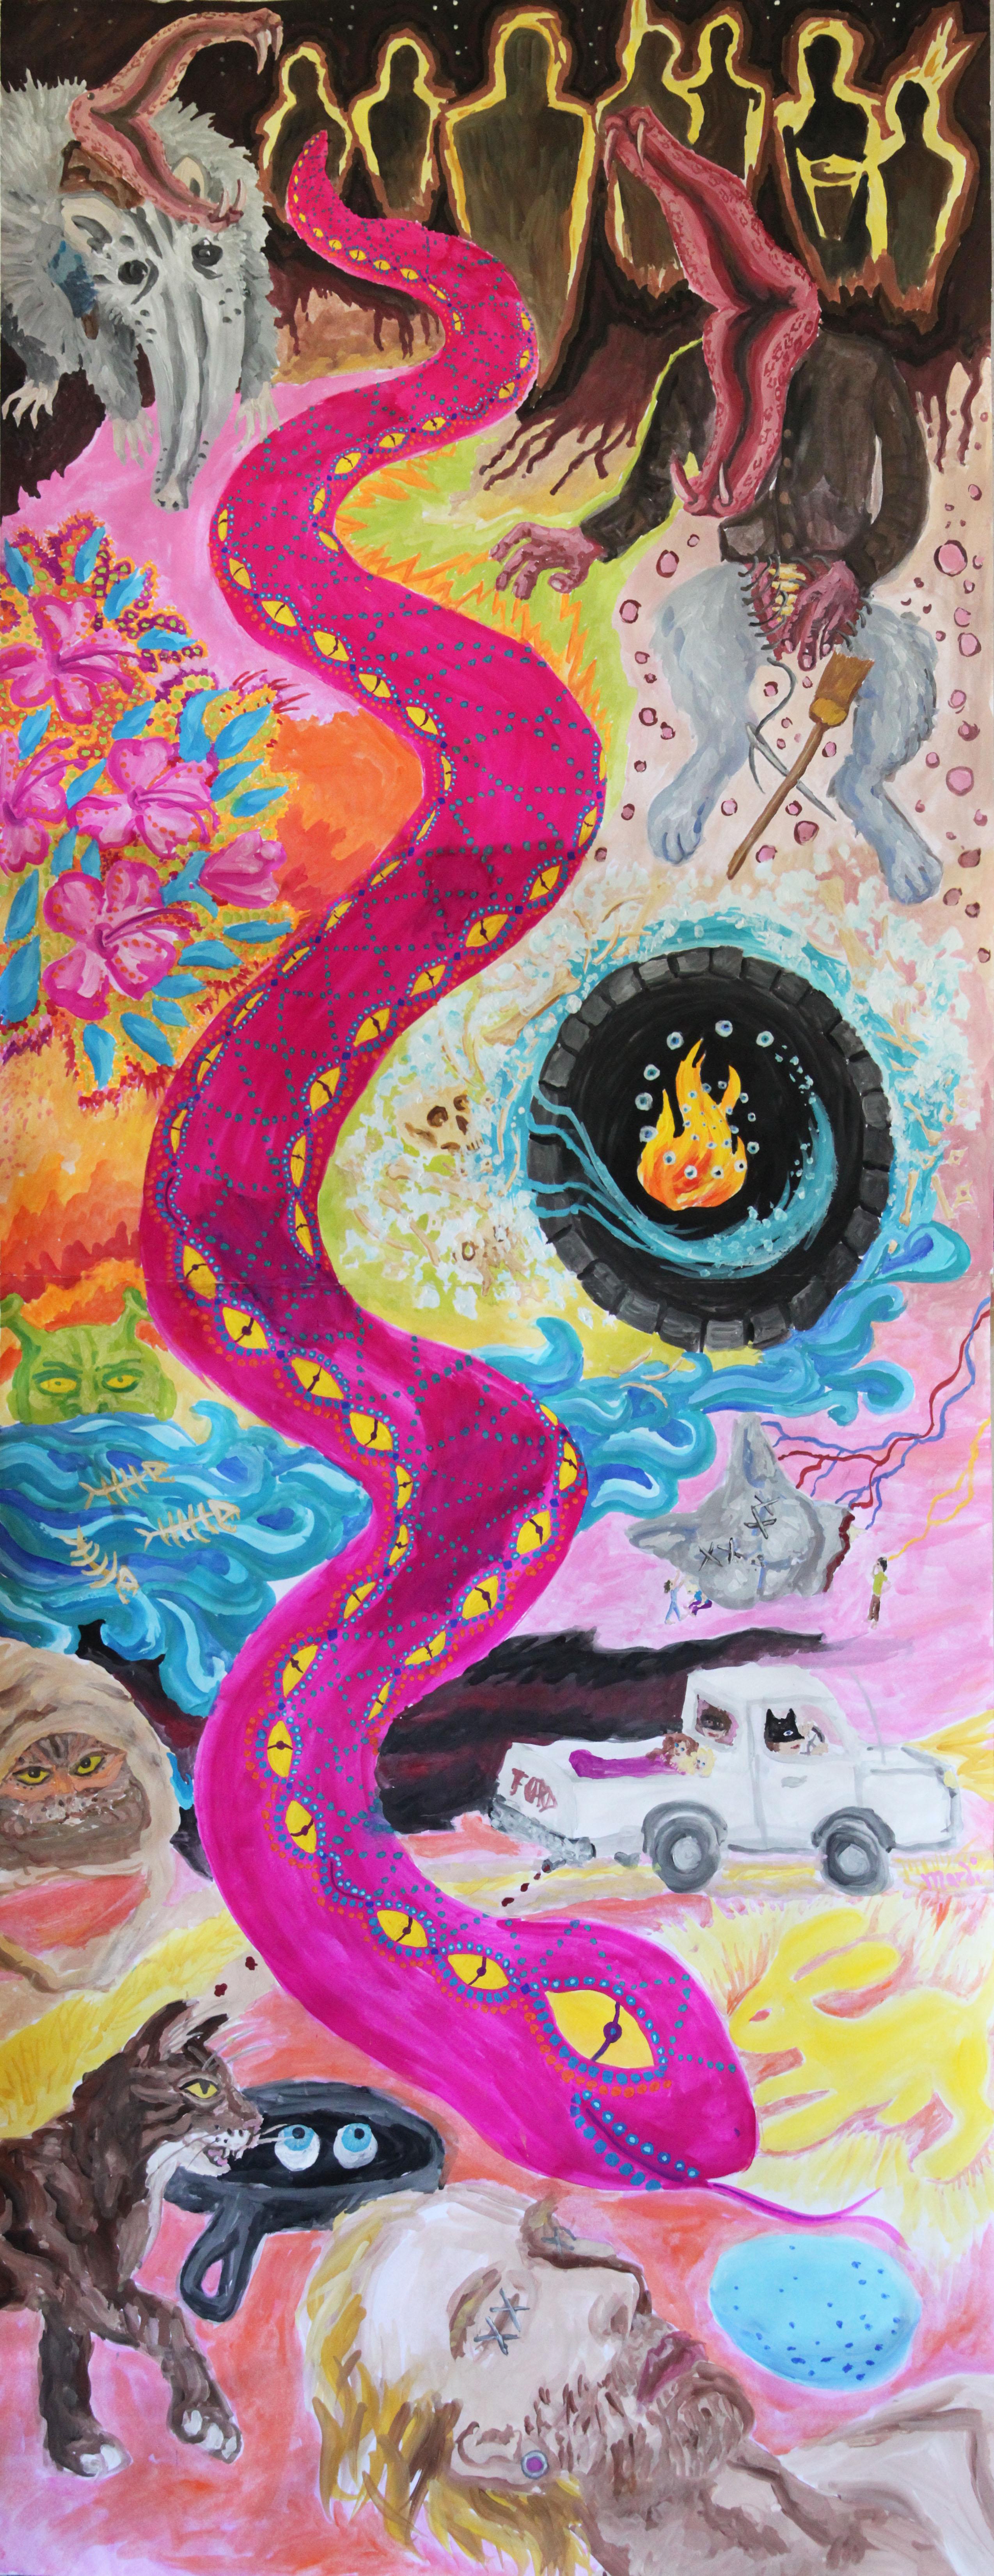 2013_05_09_MStorm_pink snake